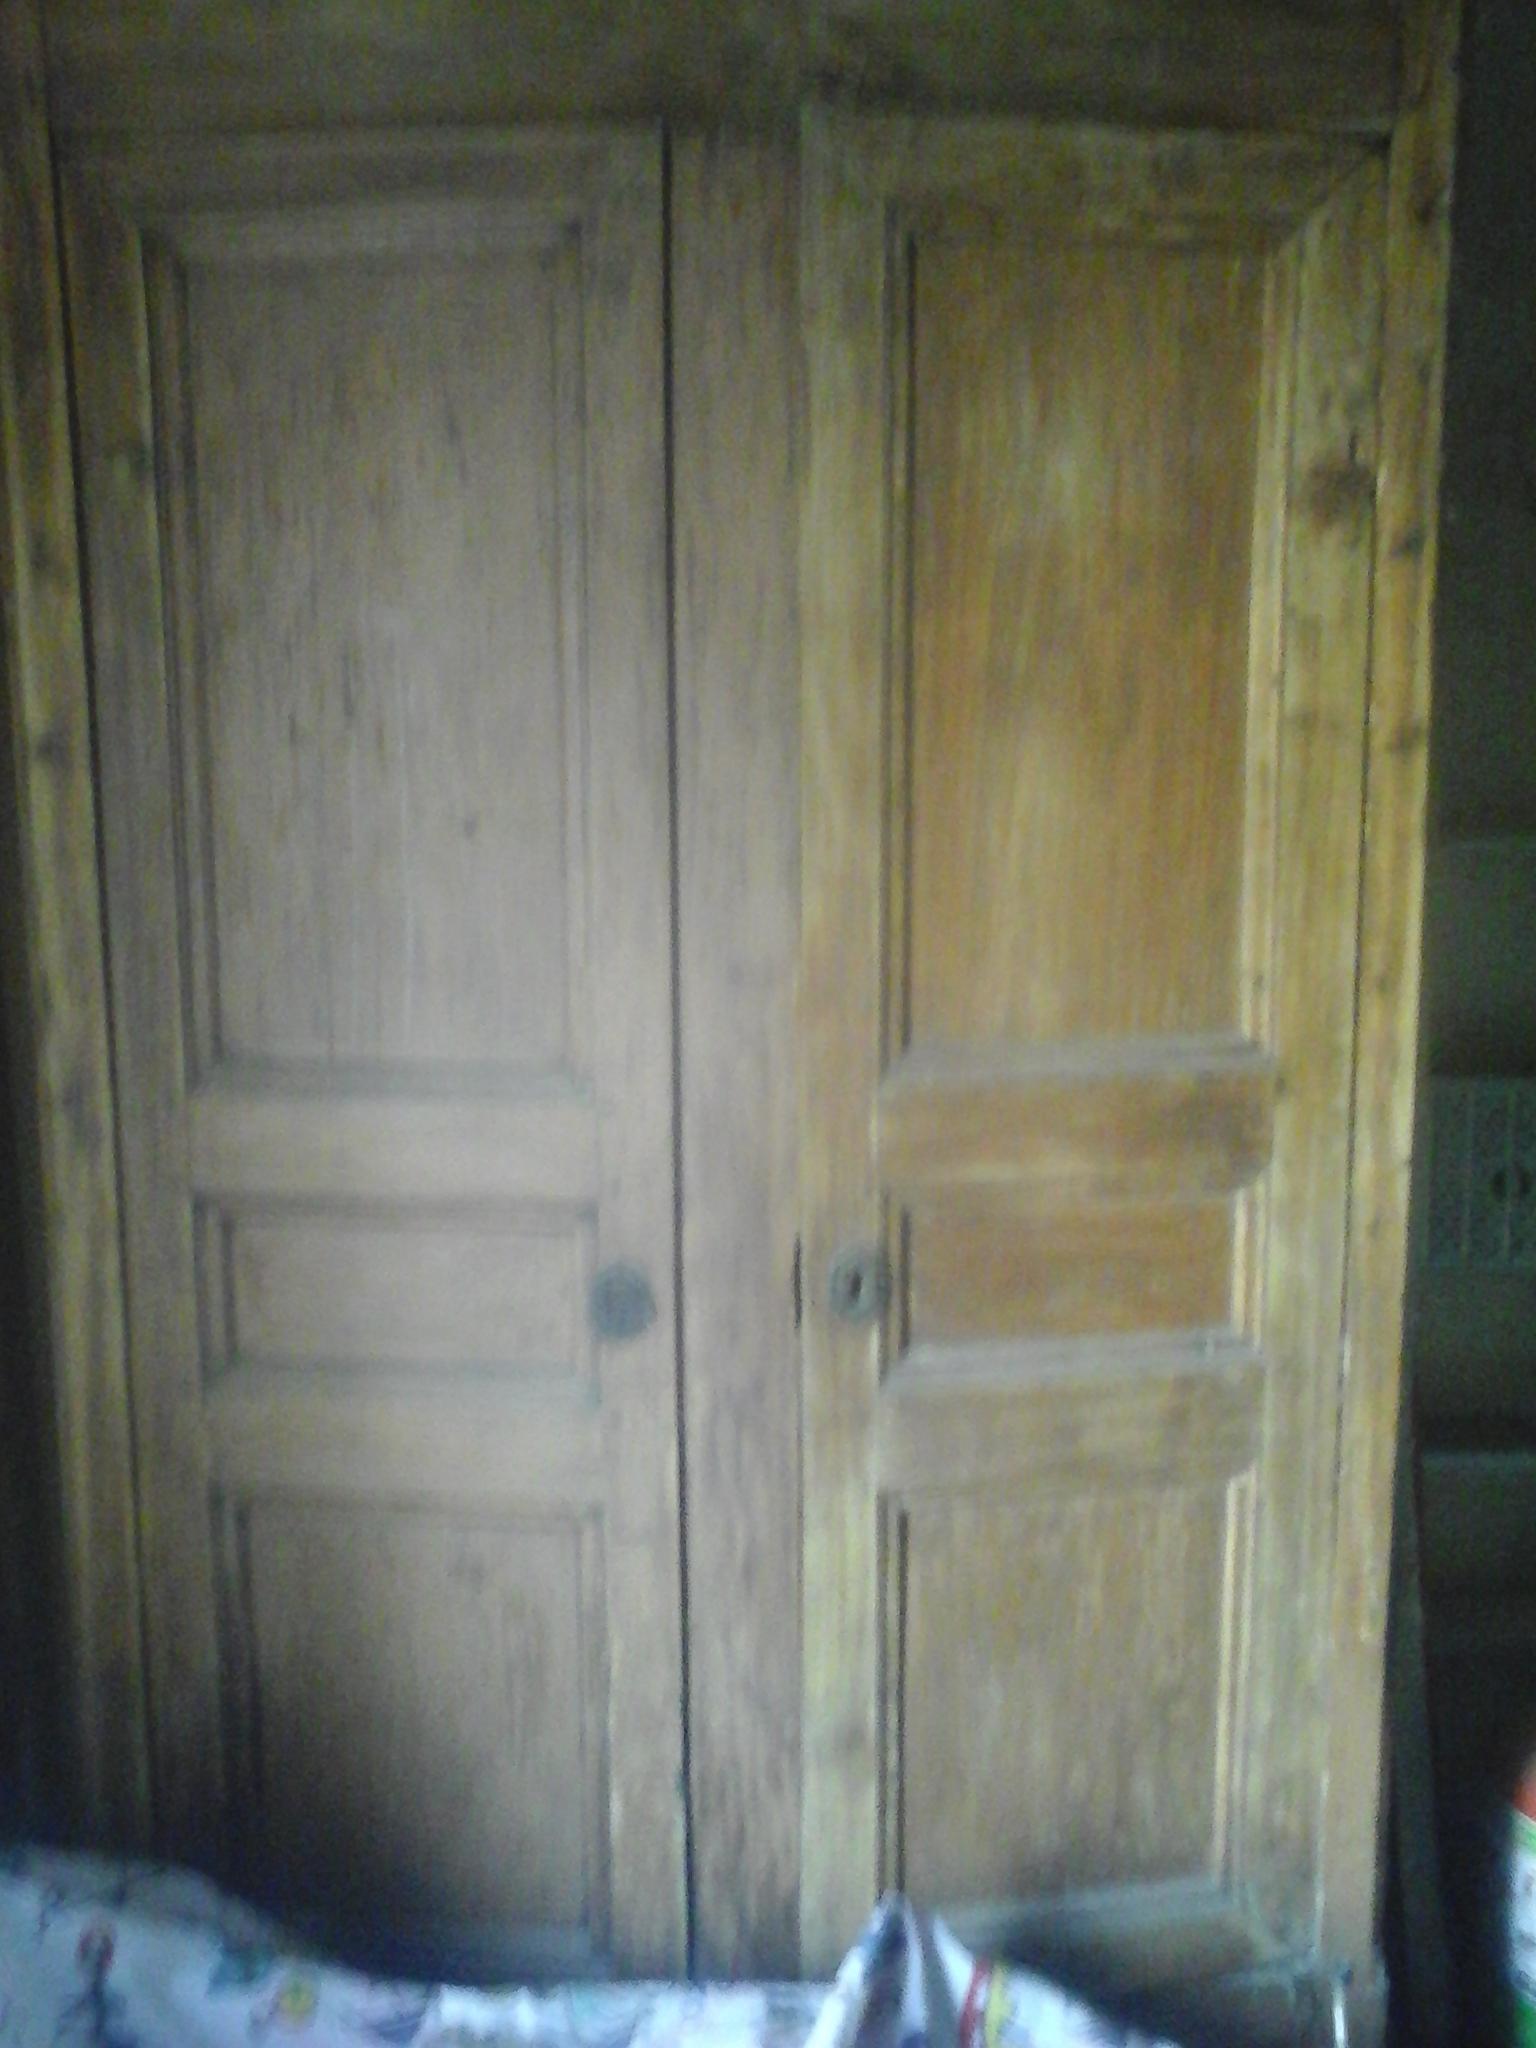 troc de troc armoire image 1